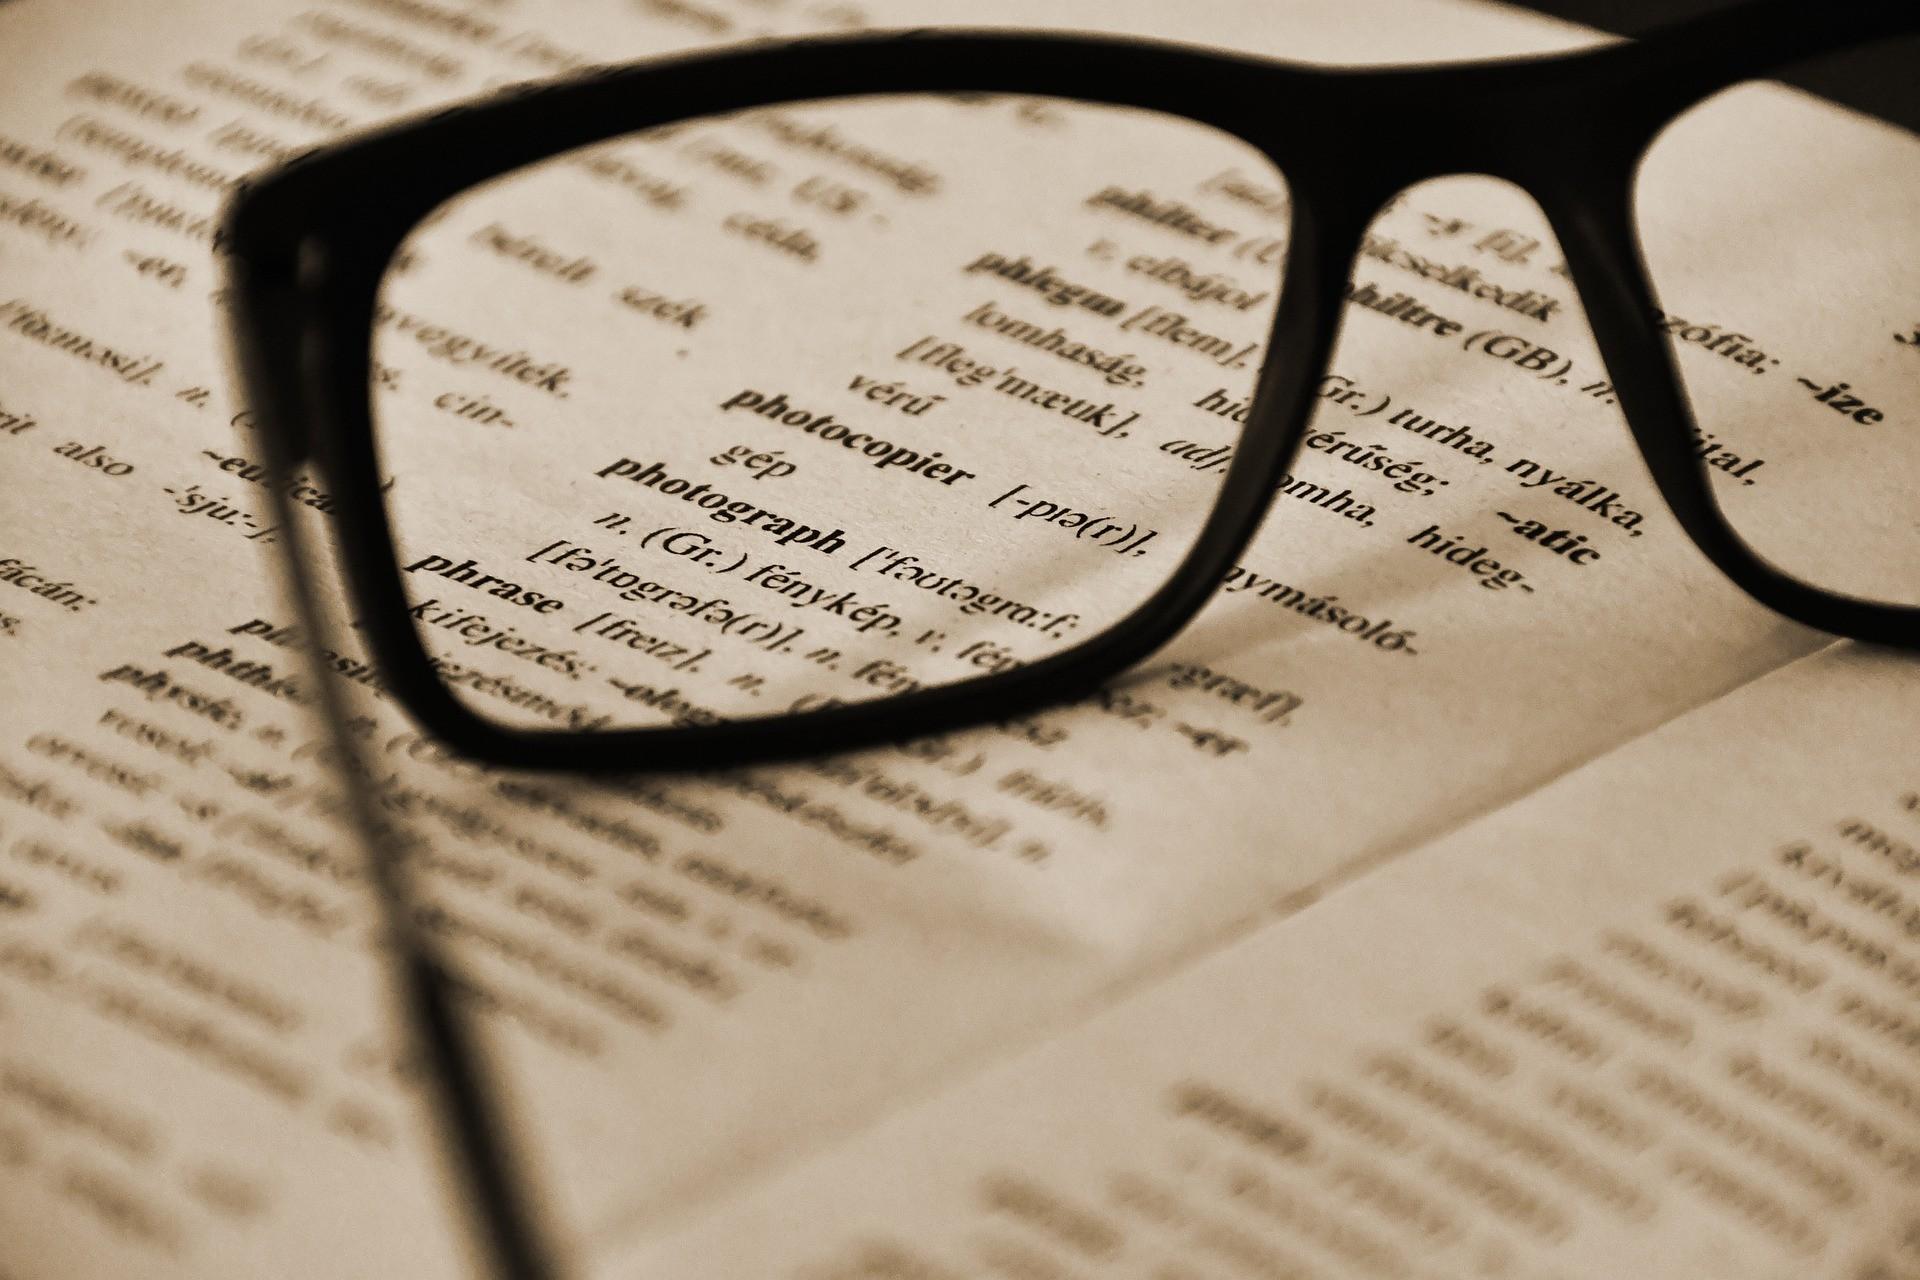 Os linguistas descobriram os idiomas mais estranhos — e o inglês é um deles